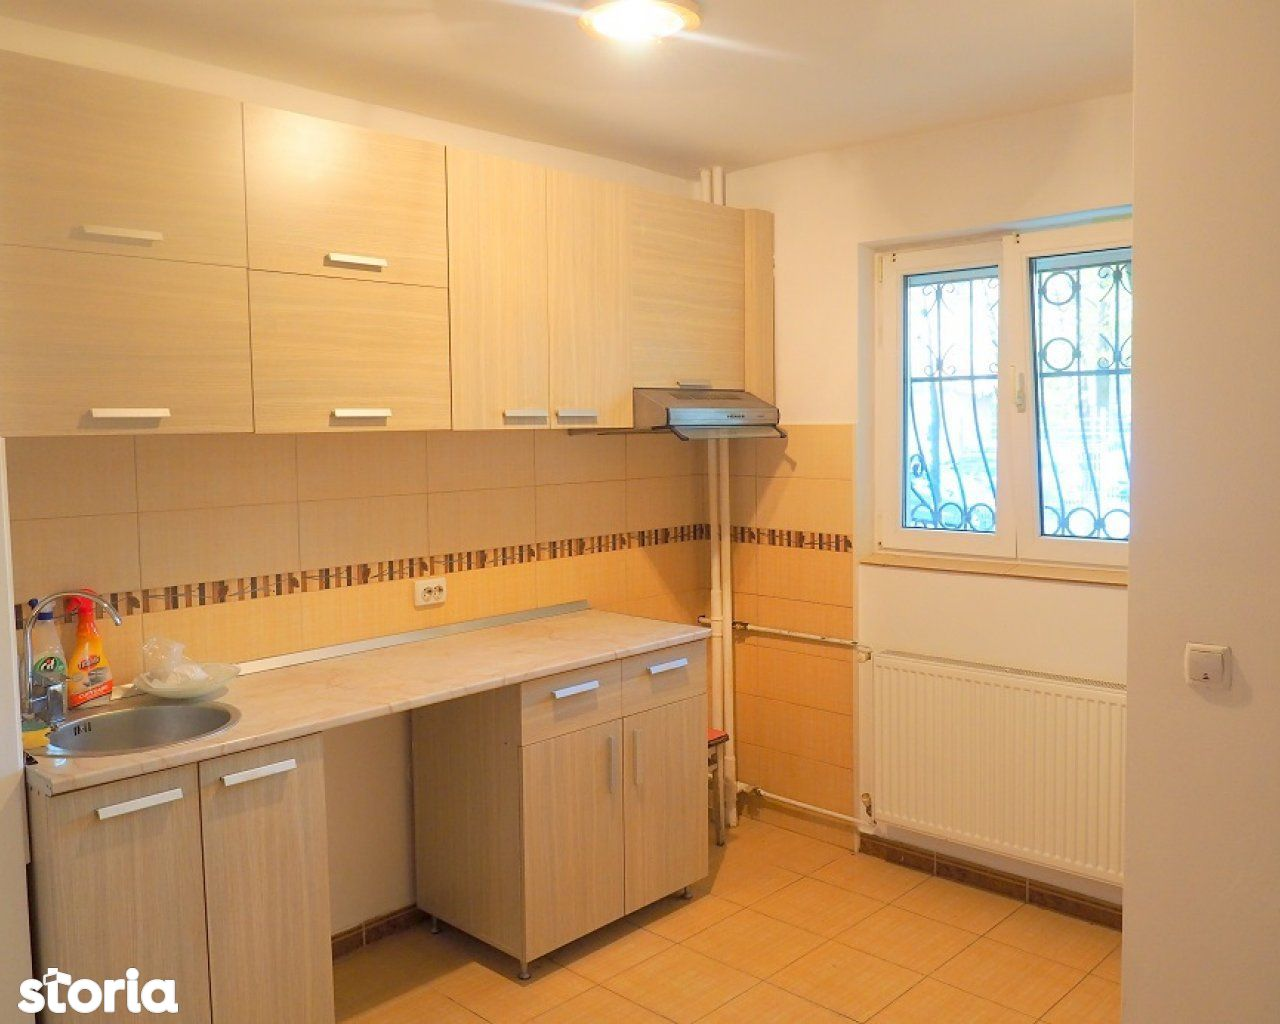 Apartament de vanzare, București (judet), Aleea Trestiana - Foto 8